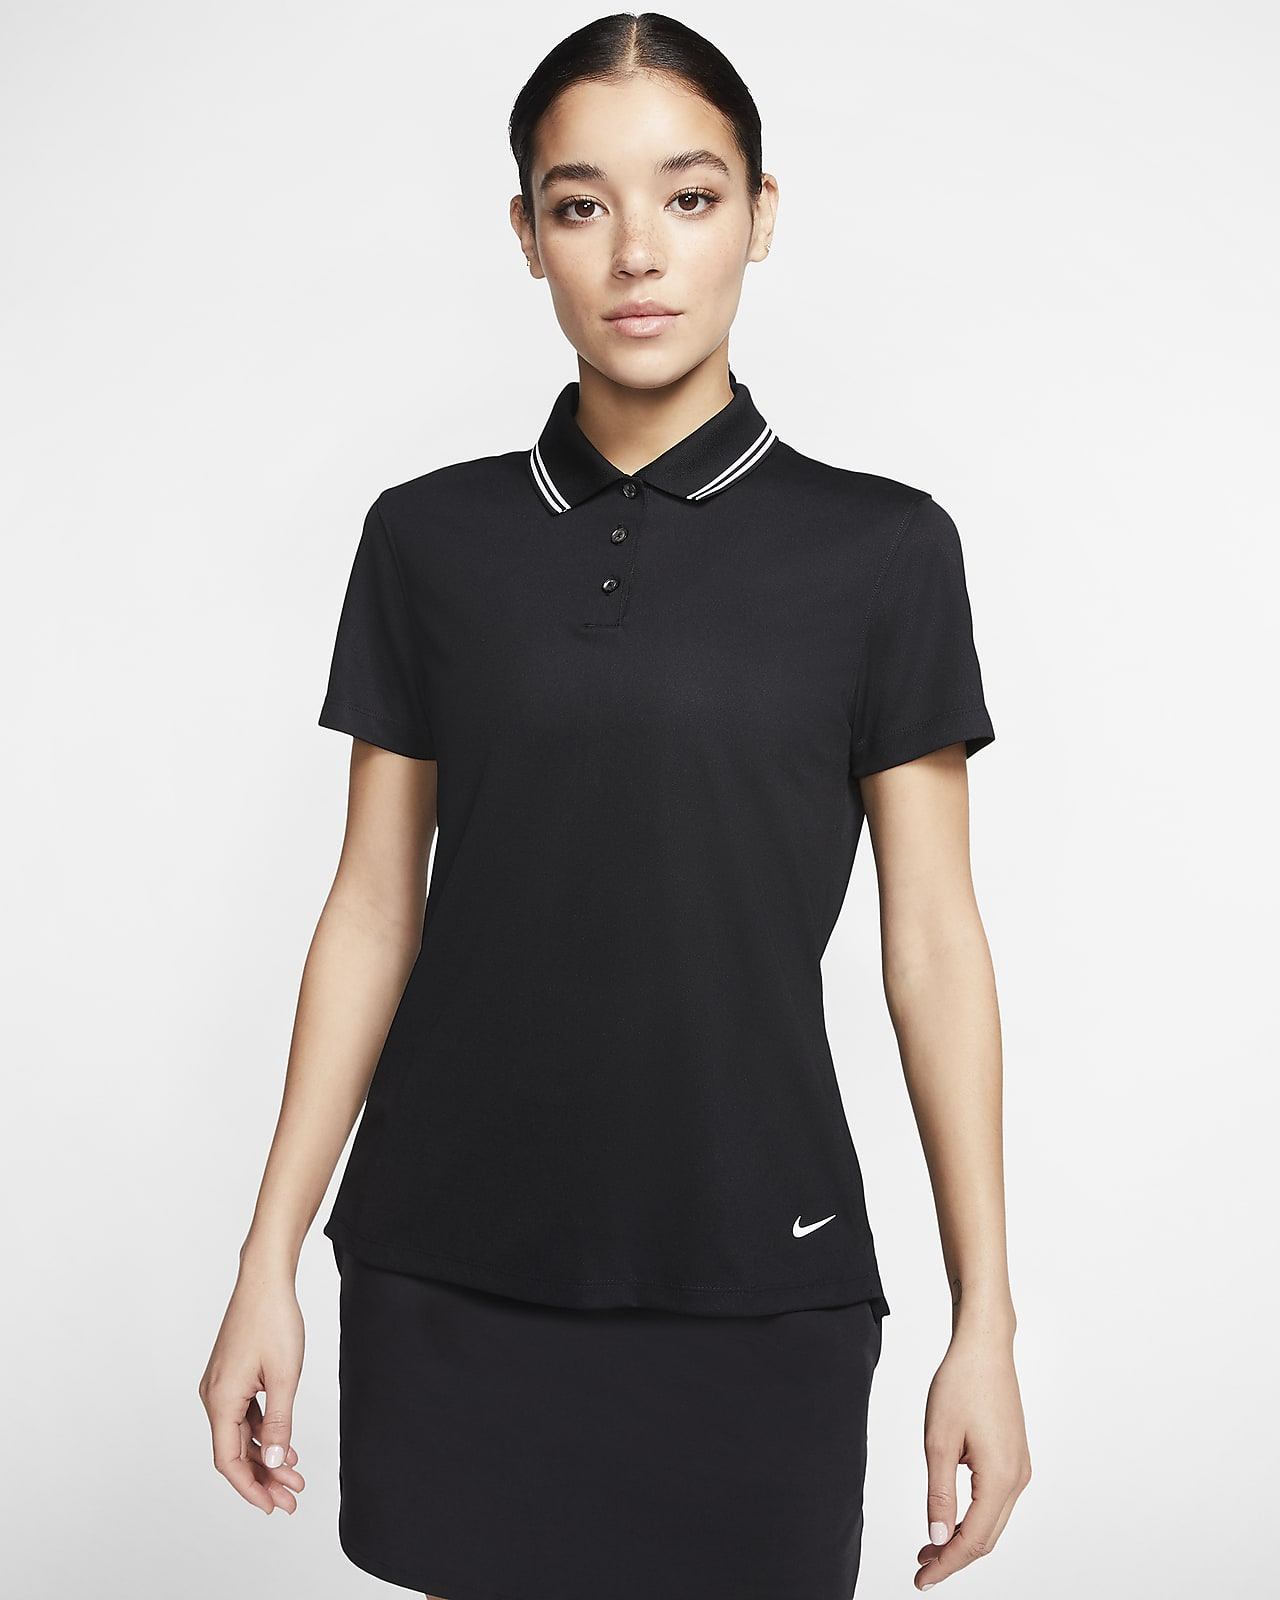 Dámská golfová polokošile Nike Dri-FIT Victory